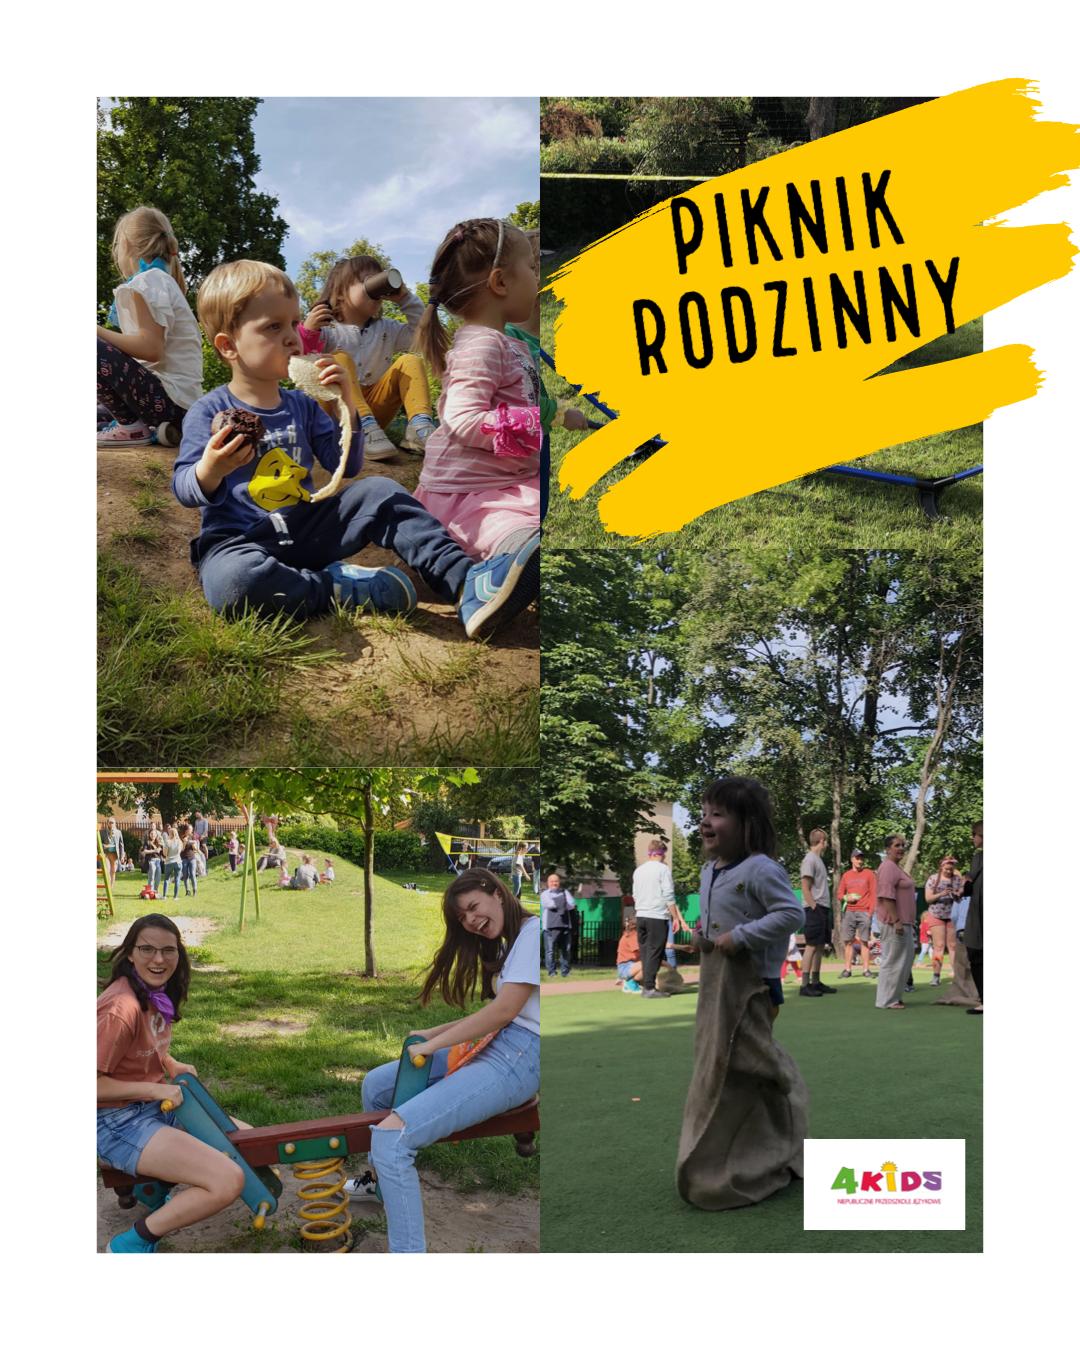 Piknik rodzinny Czerwiec 2019